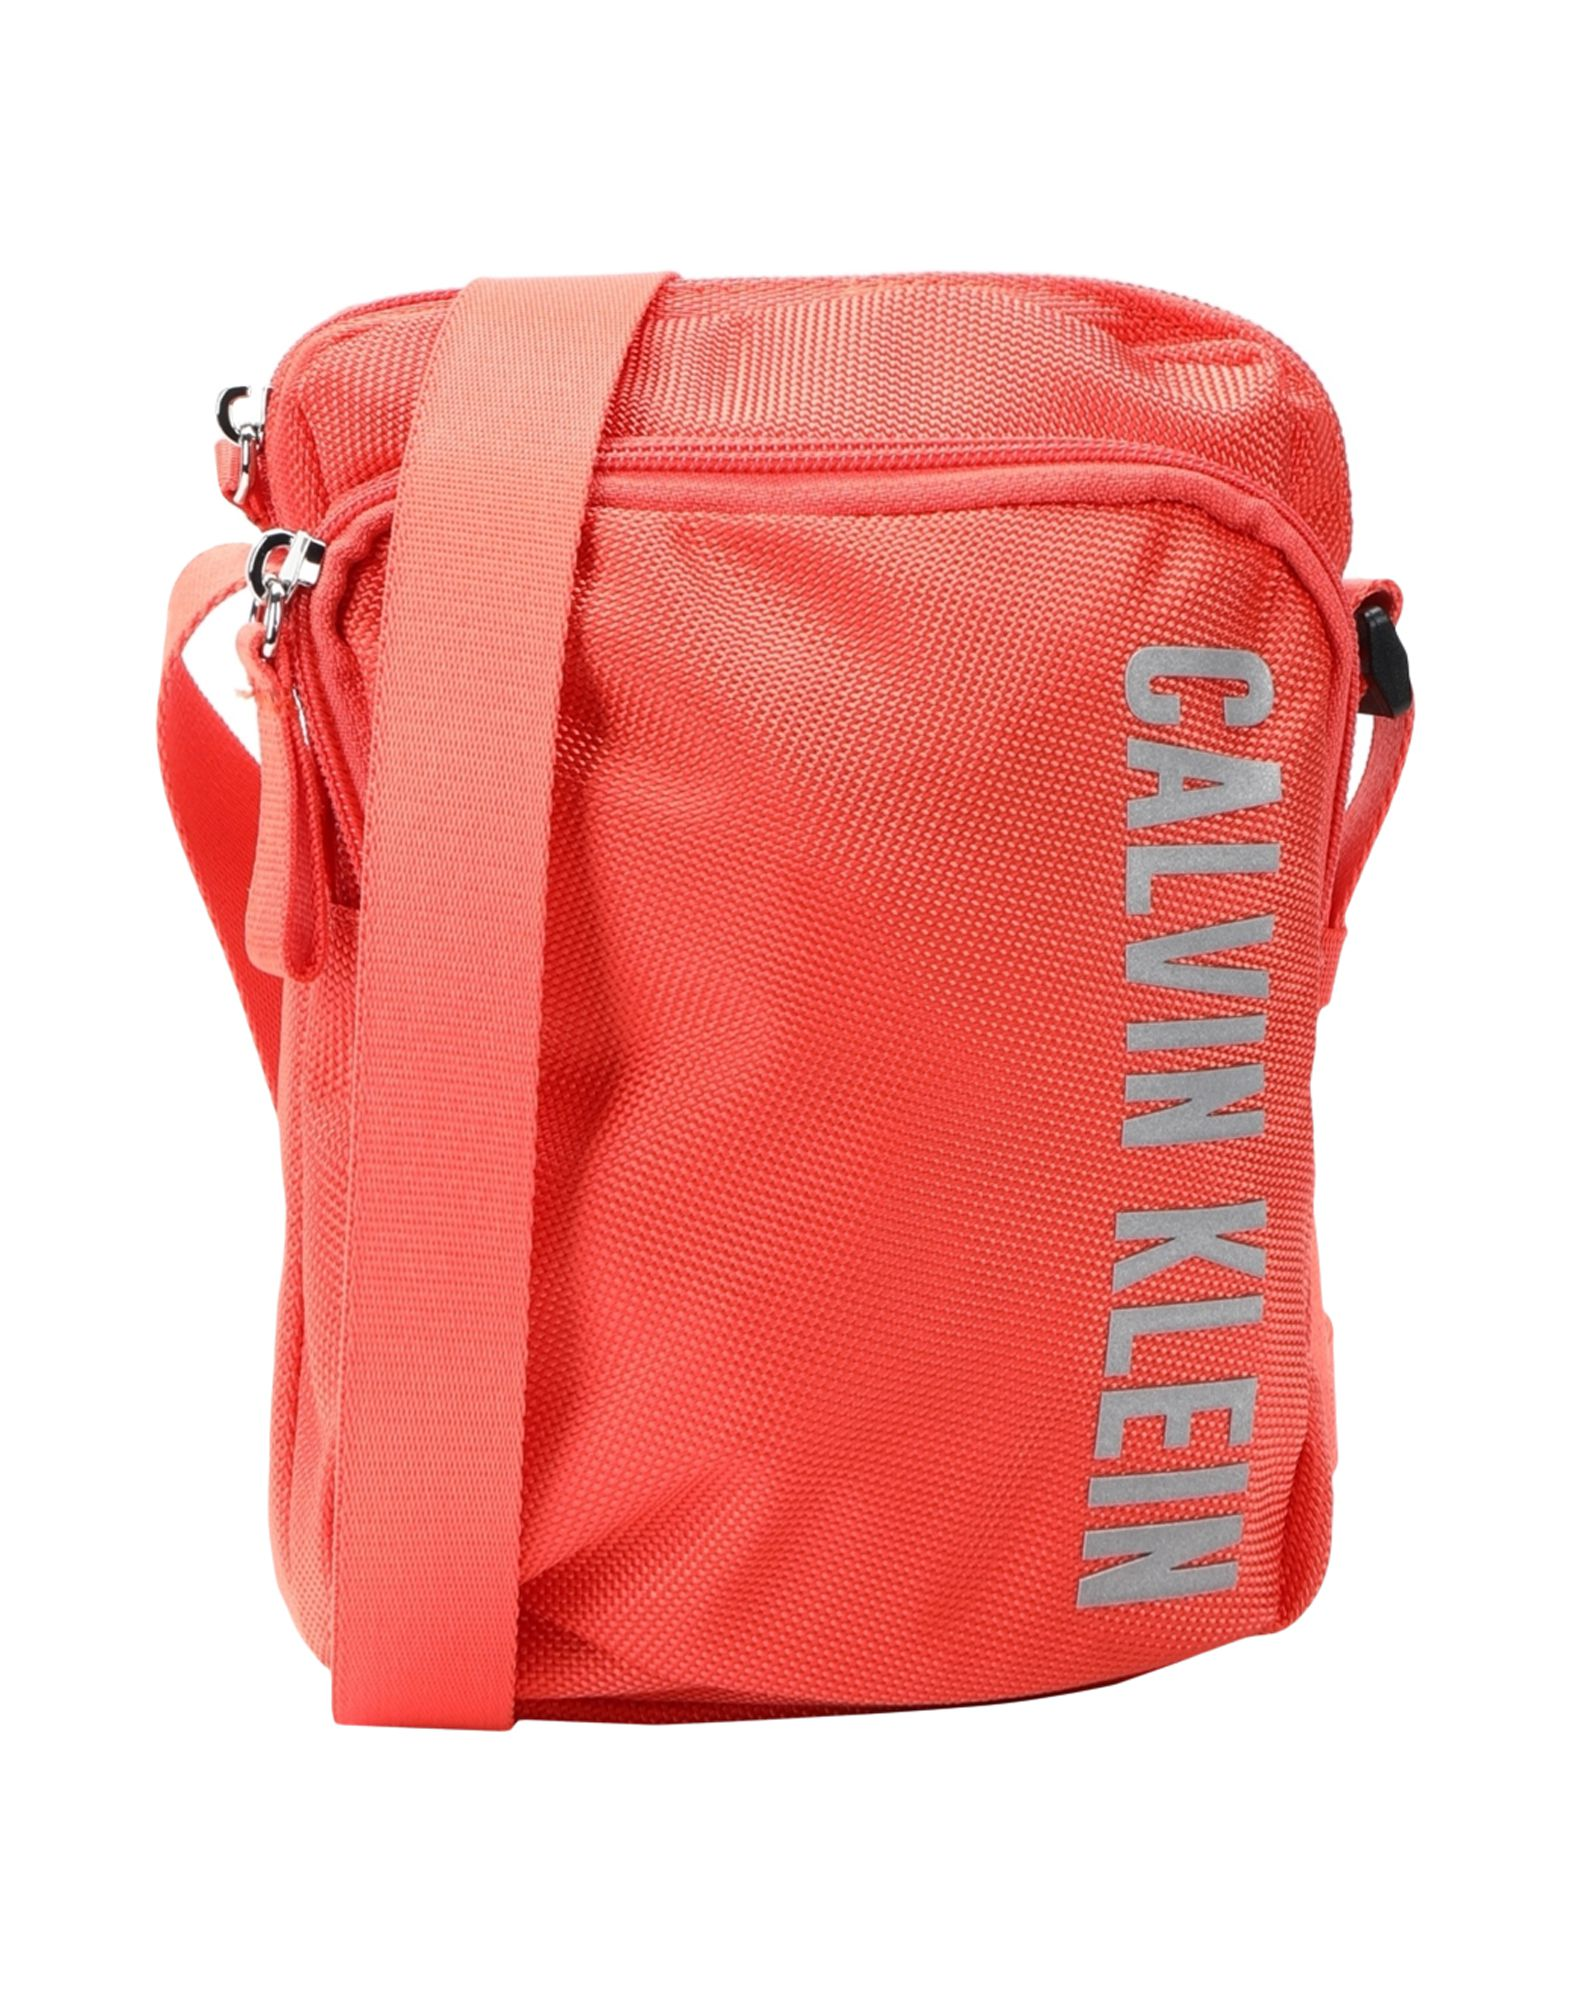 《セール開催中》CALVIN KLEIN PERFORMANCE メンズ メッセンジャーバッグ オレンジ リサイクルポリエステル 100% CROSSBODY BAG